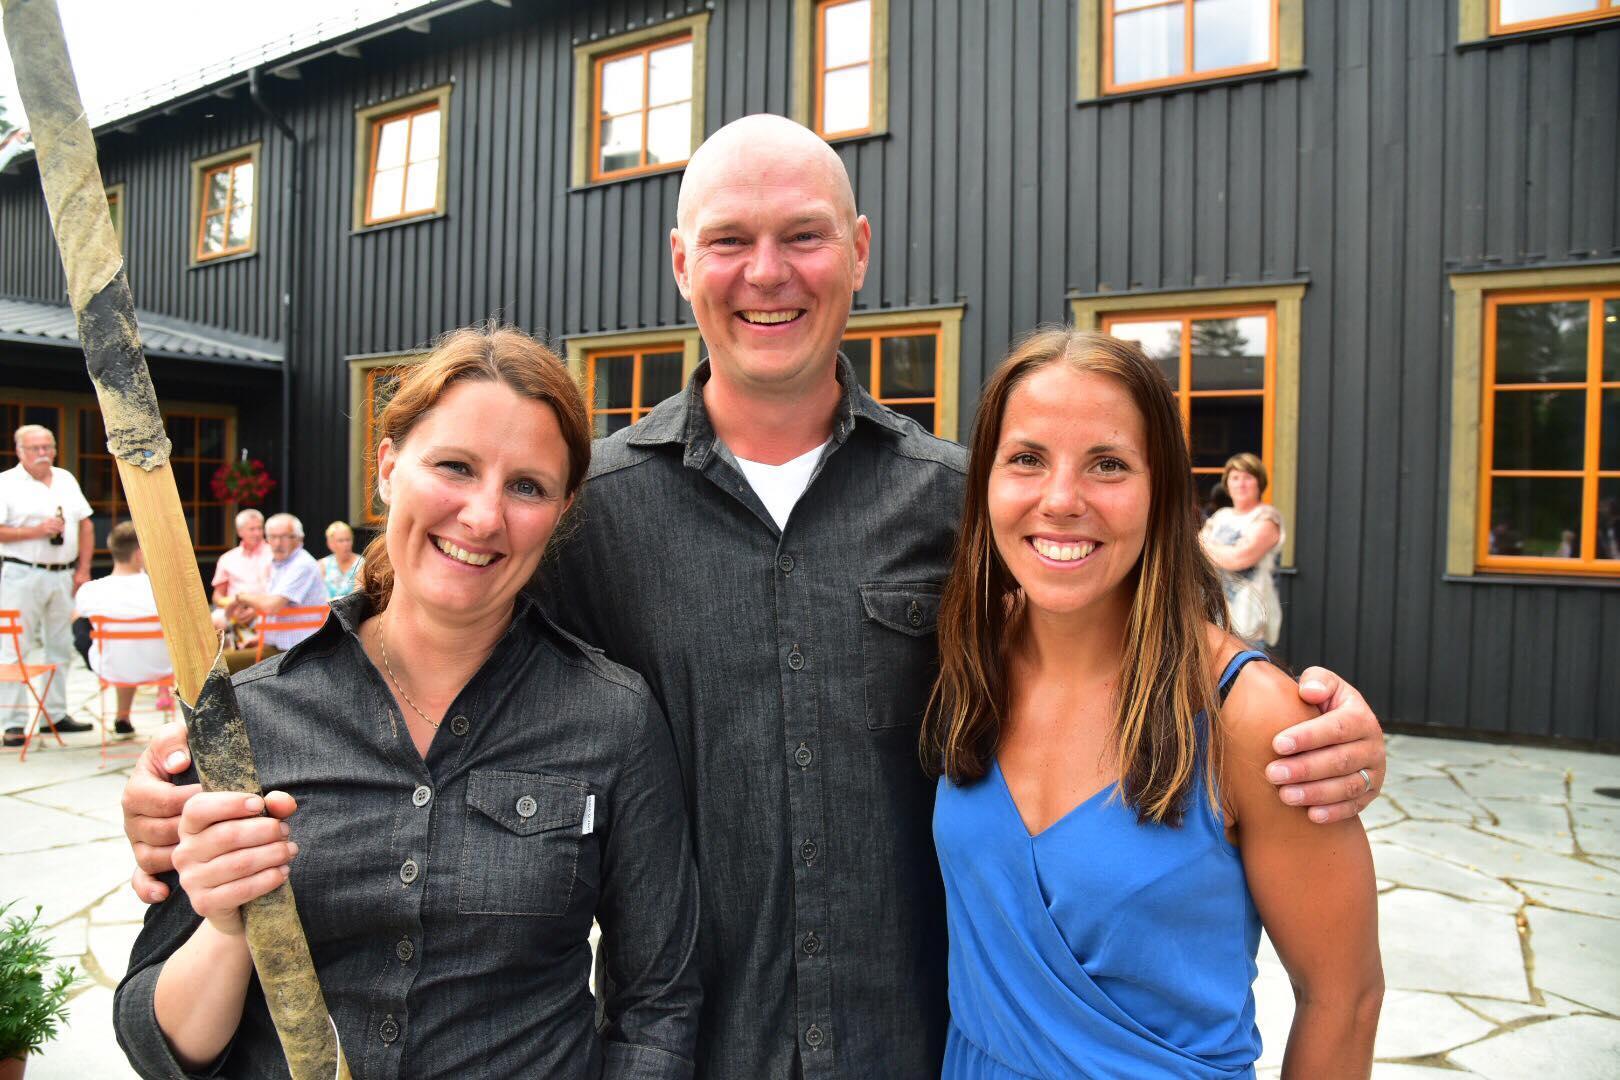 Invigning av Arctic River Lodge. Charlotte Kalla, Sara och Johan Väisänen.